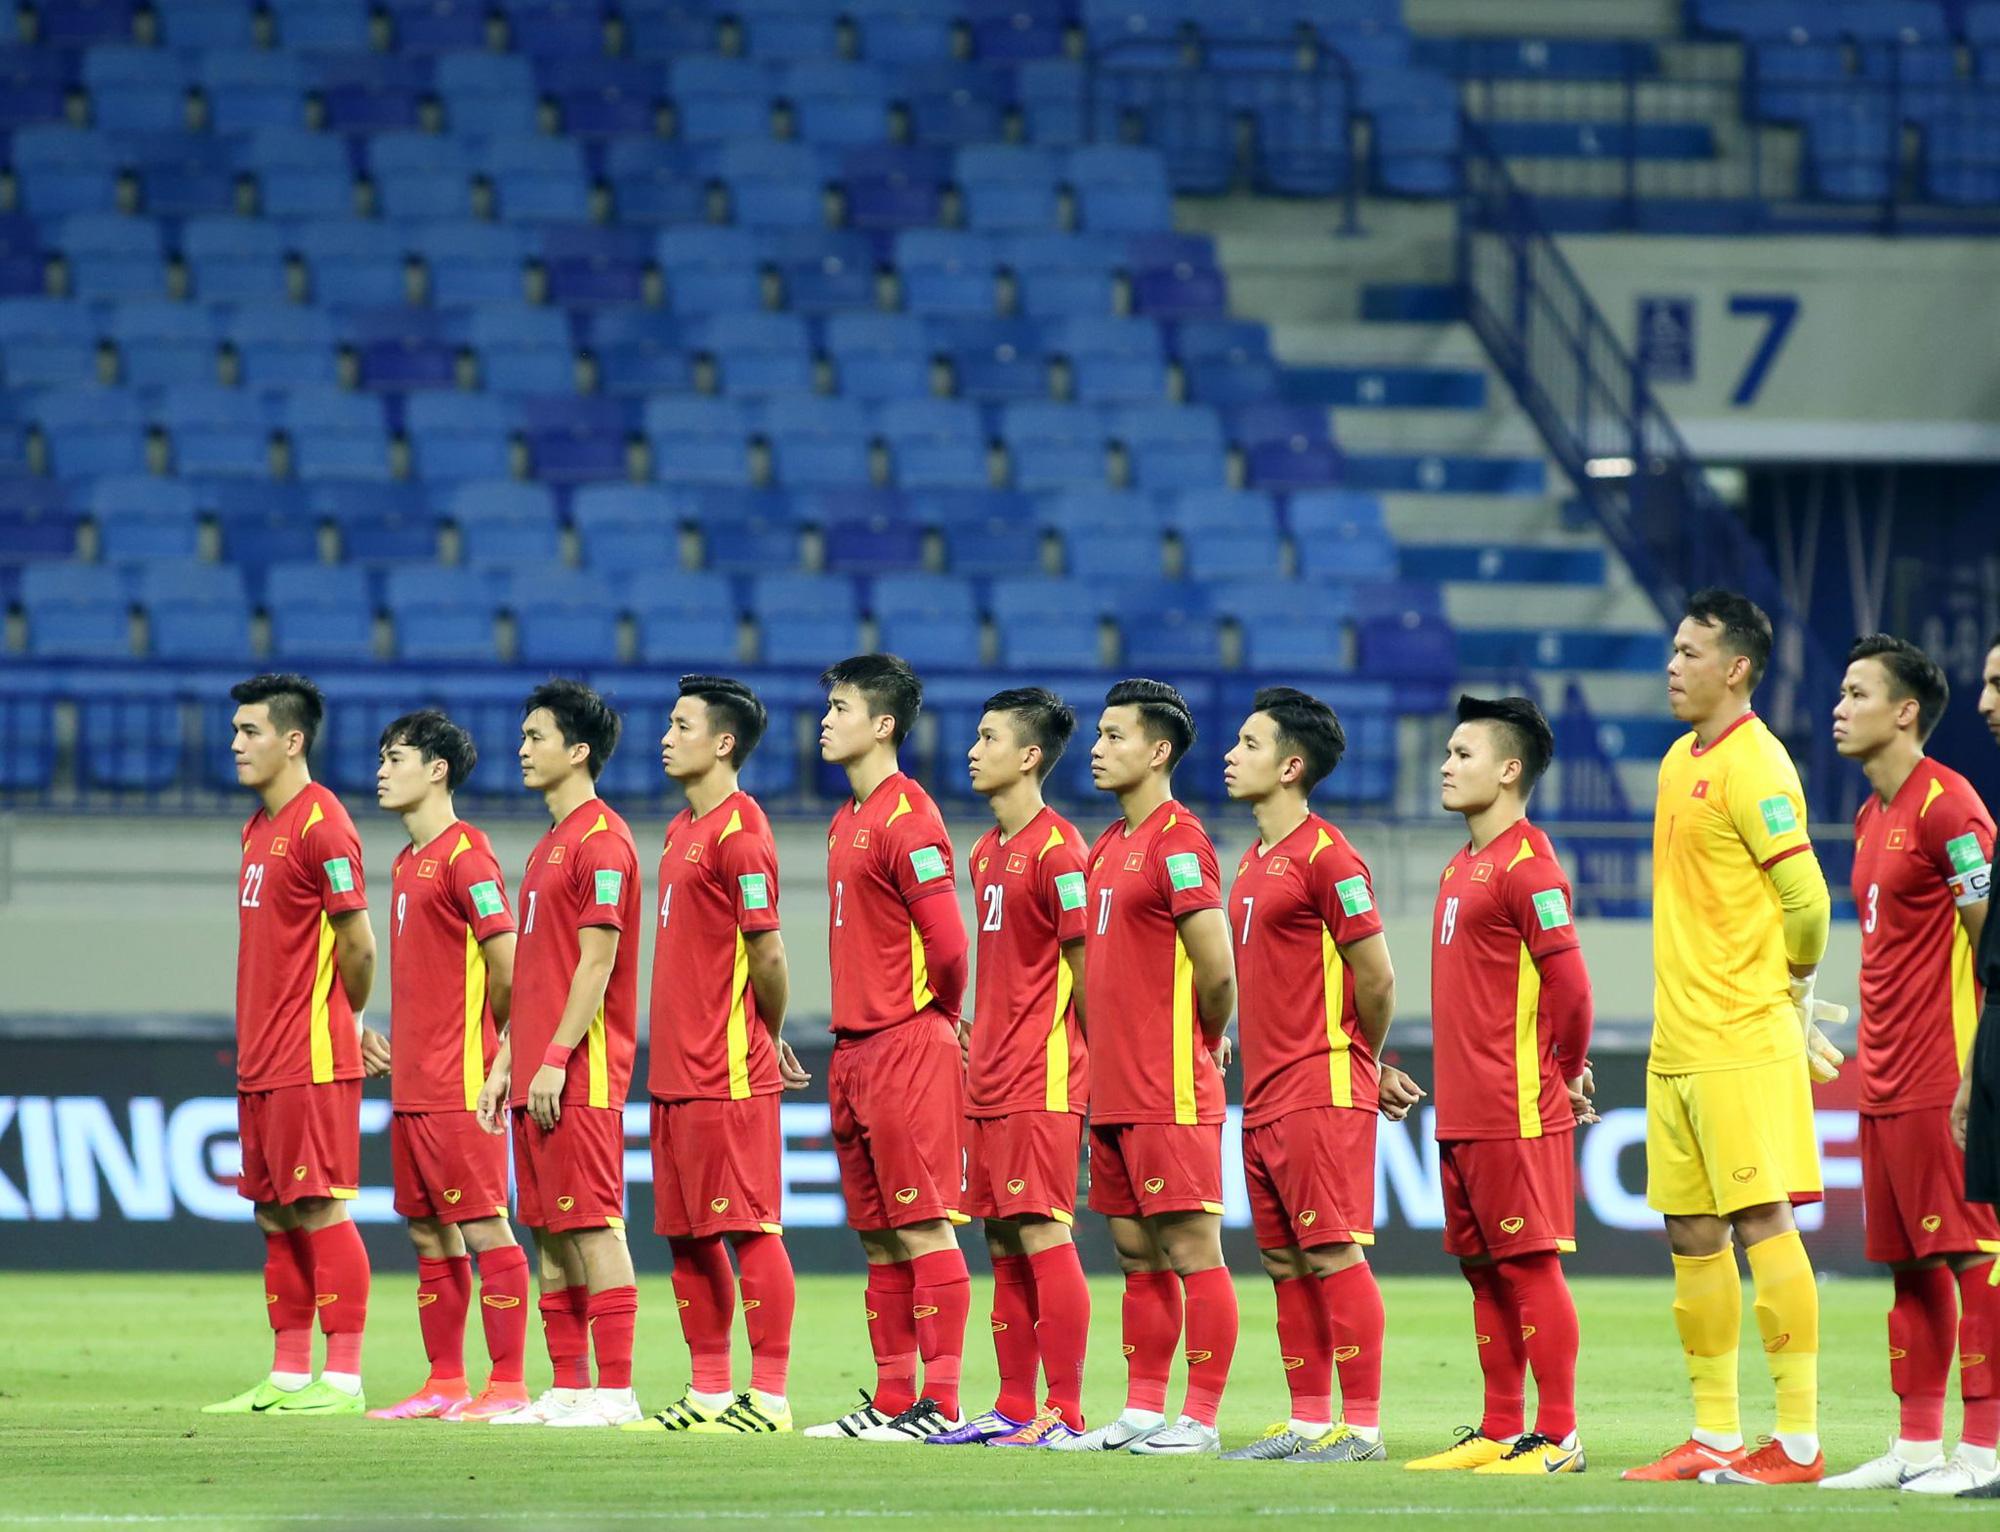 Tự tin, phong độ như tuyển thủ Việt Nam trong và ngoài sân cỏ - Ảnh 1.